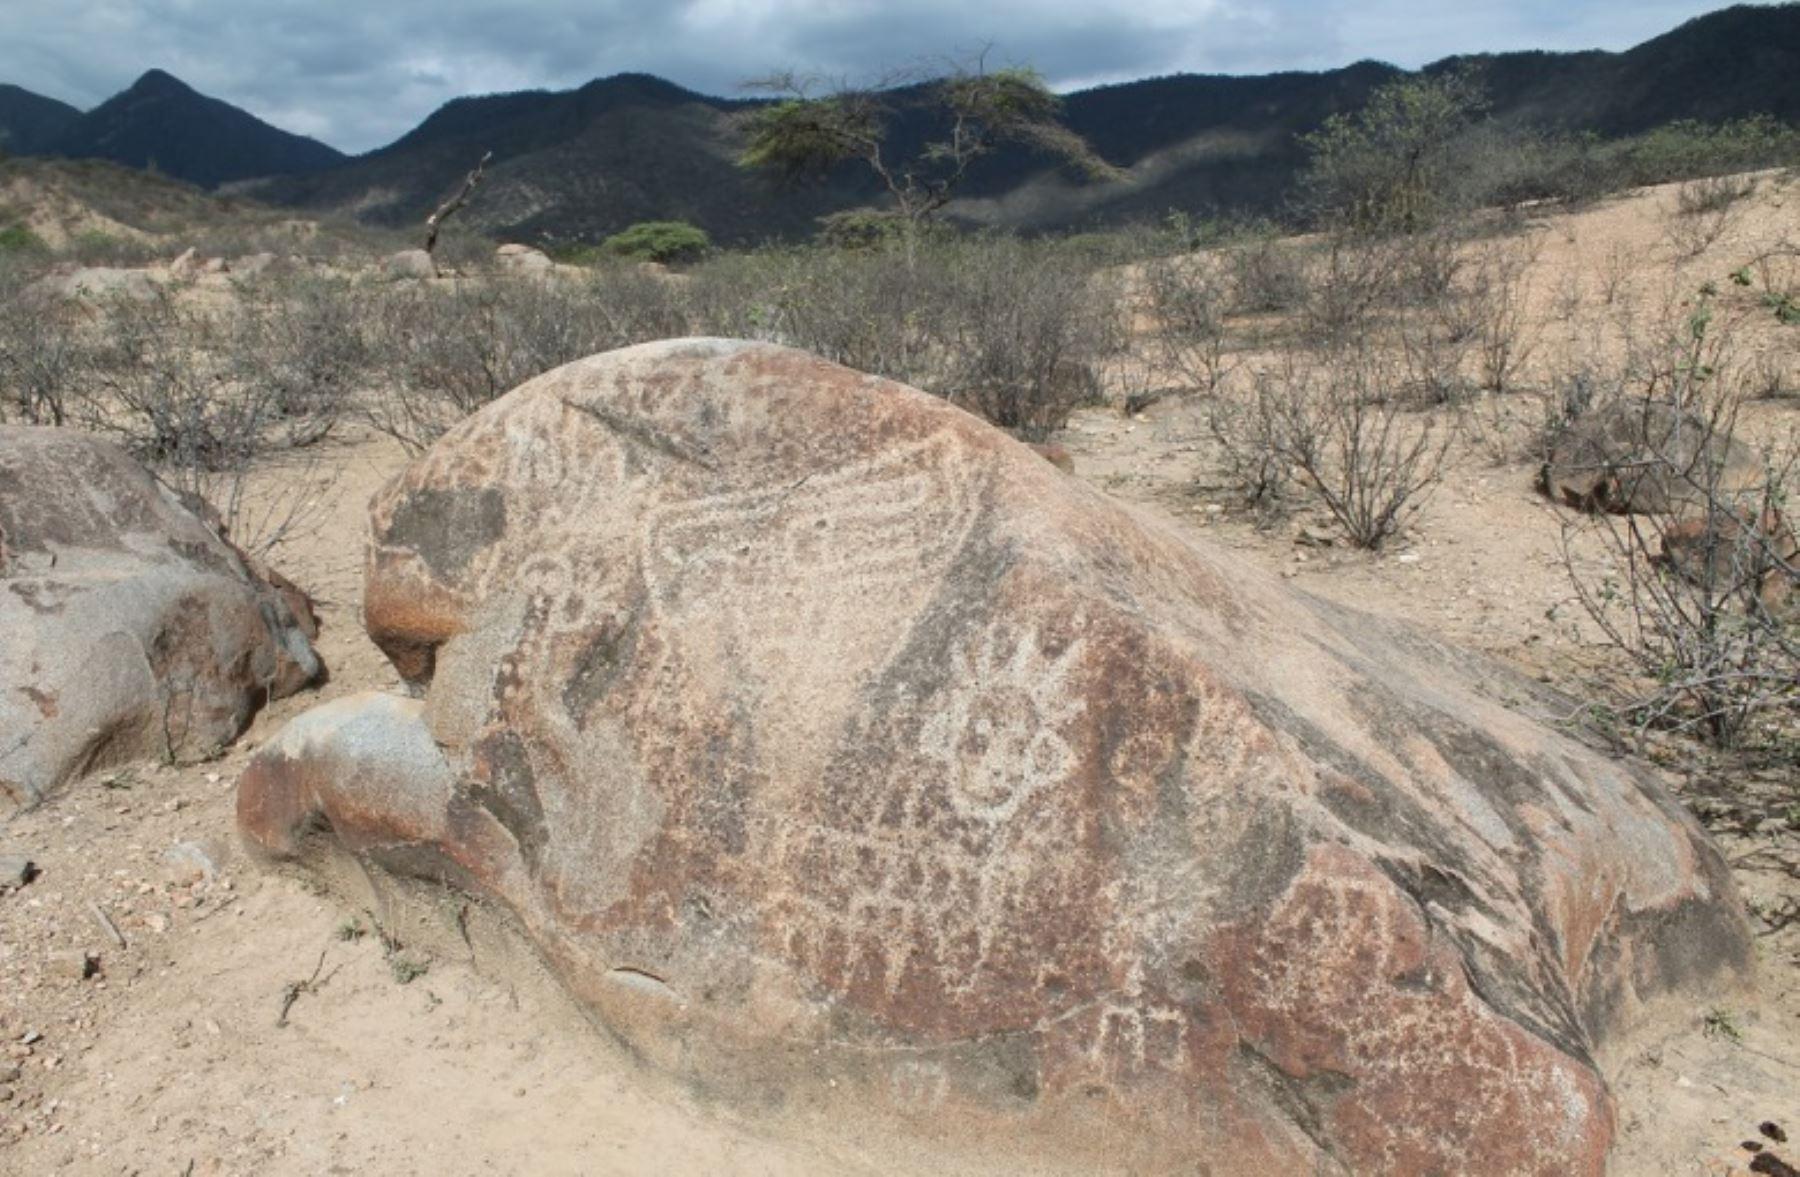 Investigadores muestran las evidencias sobre un altar lítico, de observaciones astronómicas realizadas por la cultura prehispánica de la zona.